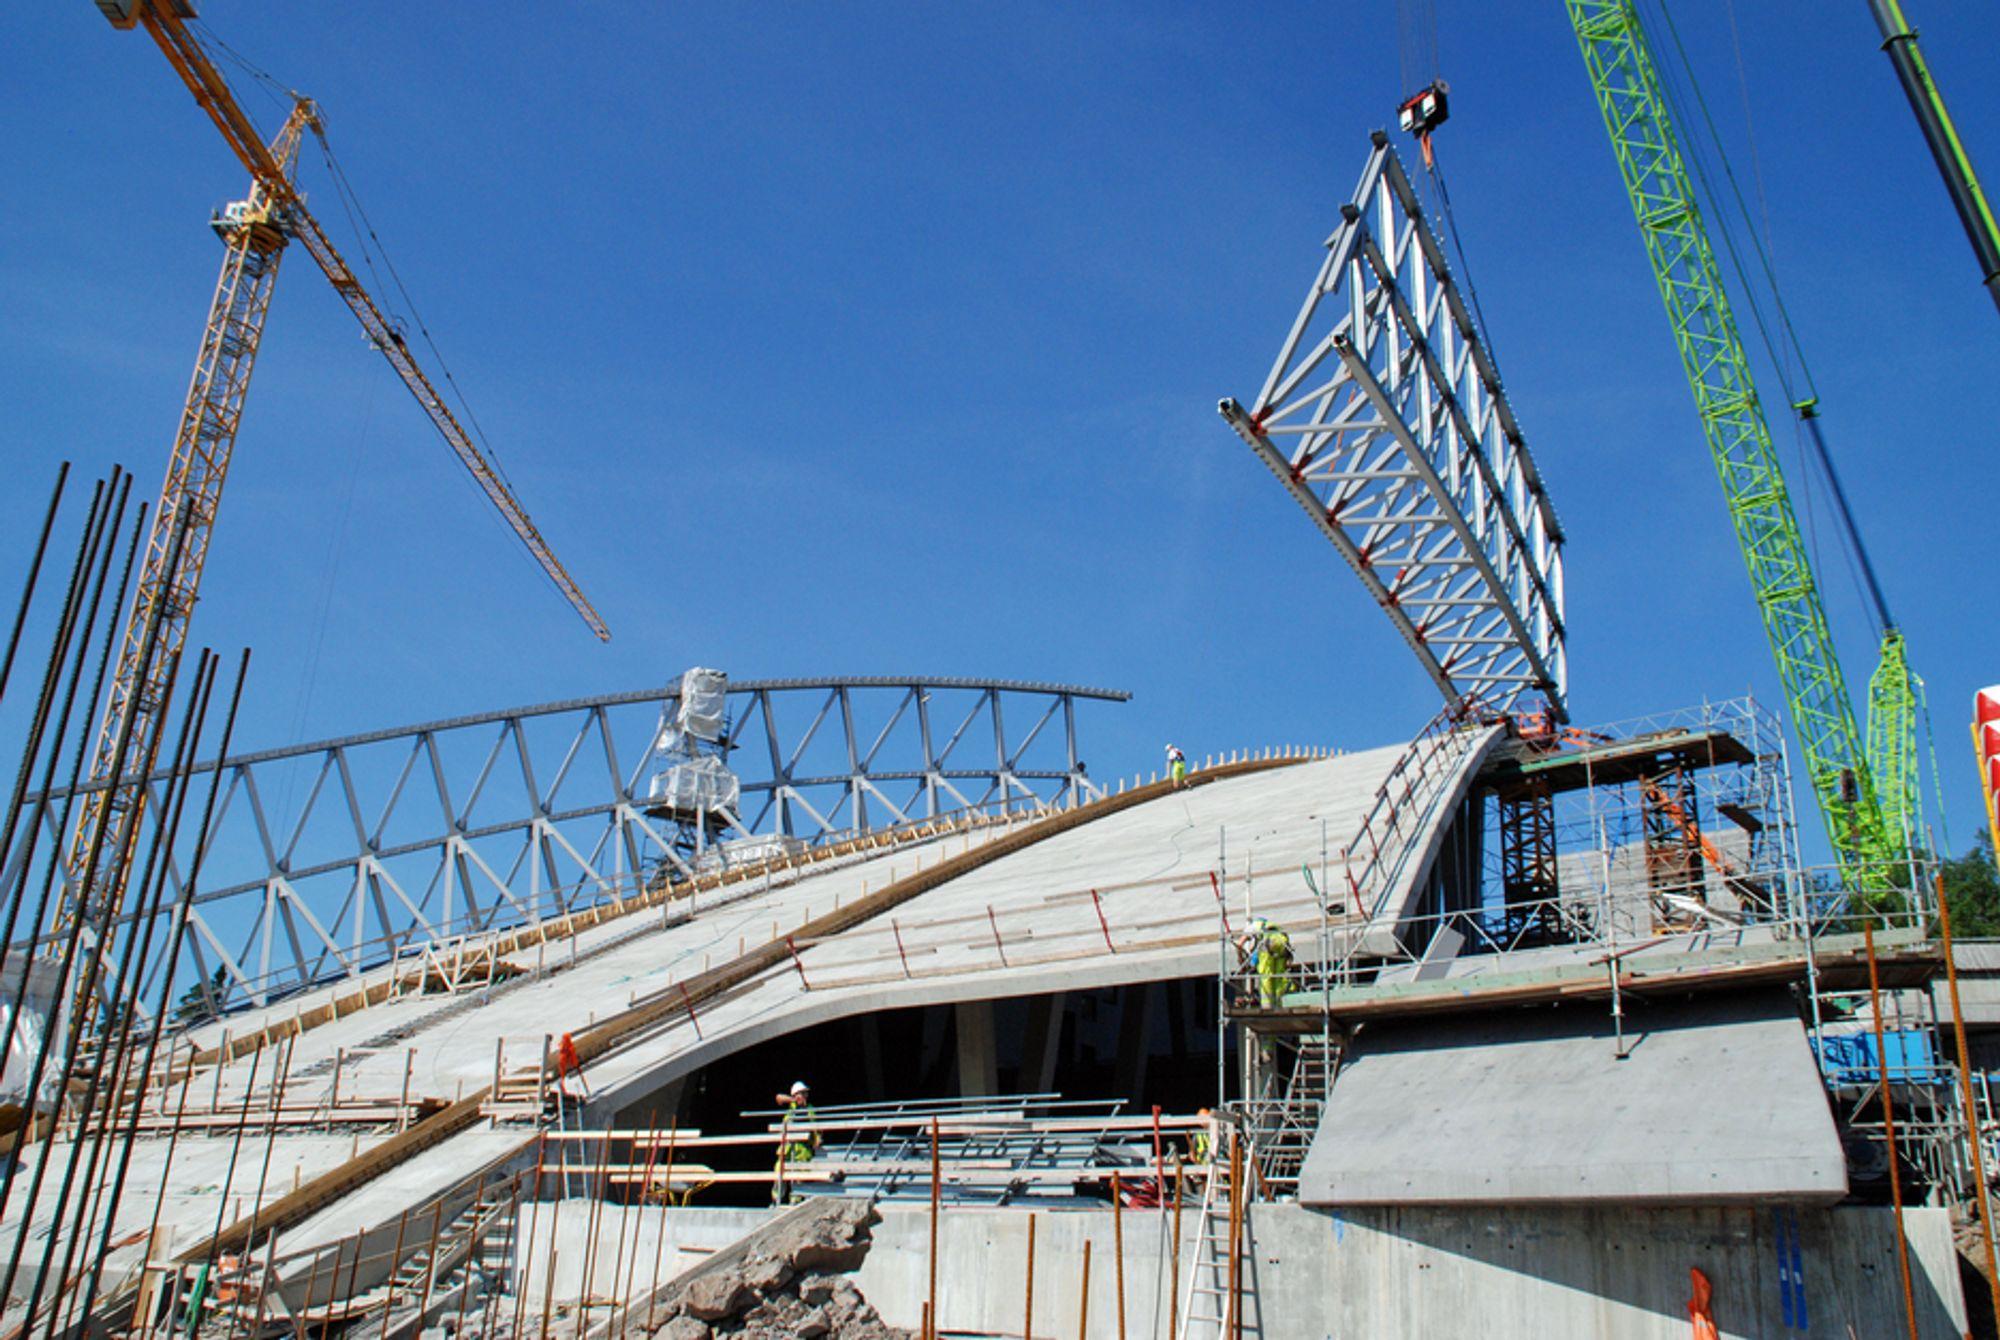 Holmenkollen, Kollen, Holmenkollenprosjektet, stålkonstruksjon, kulskall, stål, Holmenkollen Fyr. Bilde tatt 07.08.09